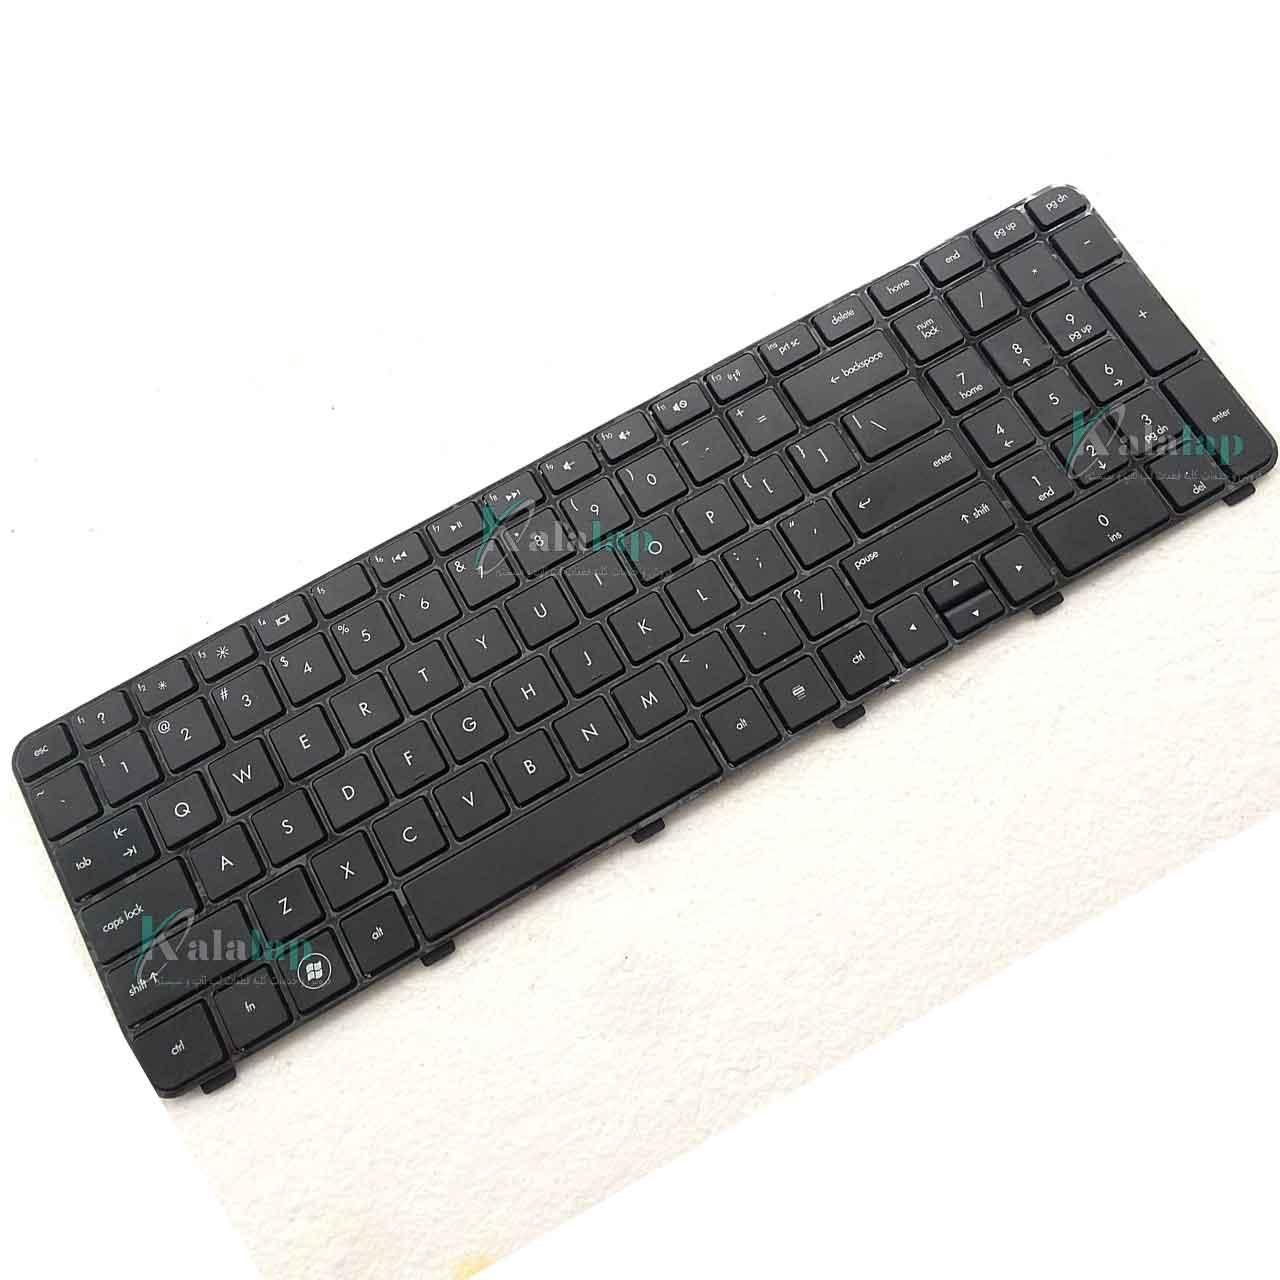 کیبورد لپ تاپ اچ پی Keyboard DV7-6000 DV7-6100